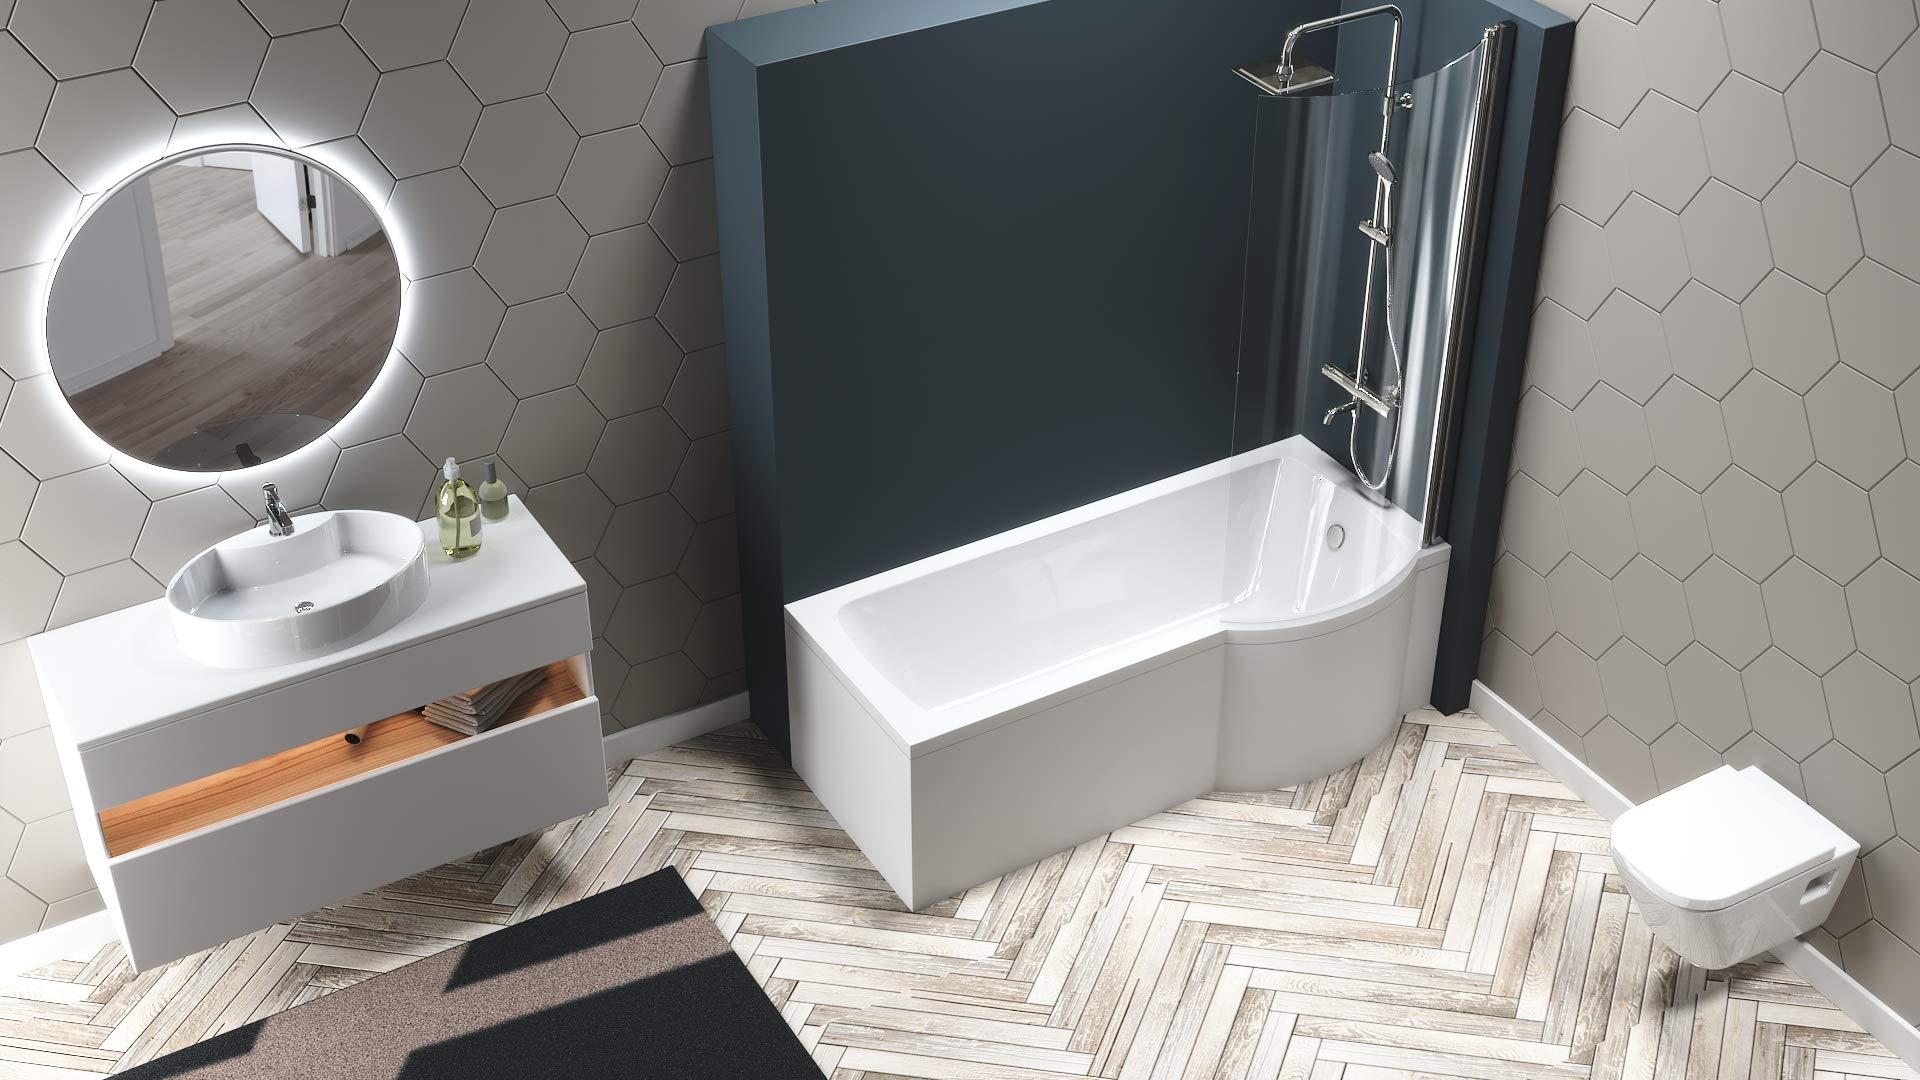 Vasca Da Bagno 170 70 : Vasca da bagno idromassaggio box easy doccia cristallo